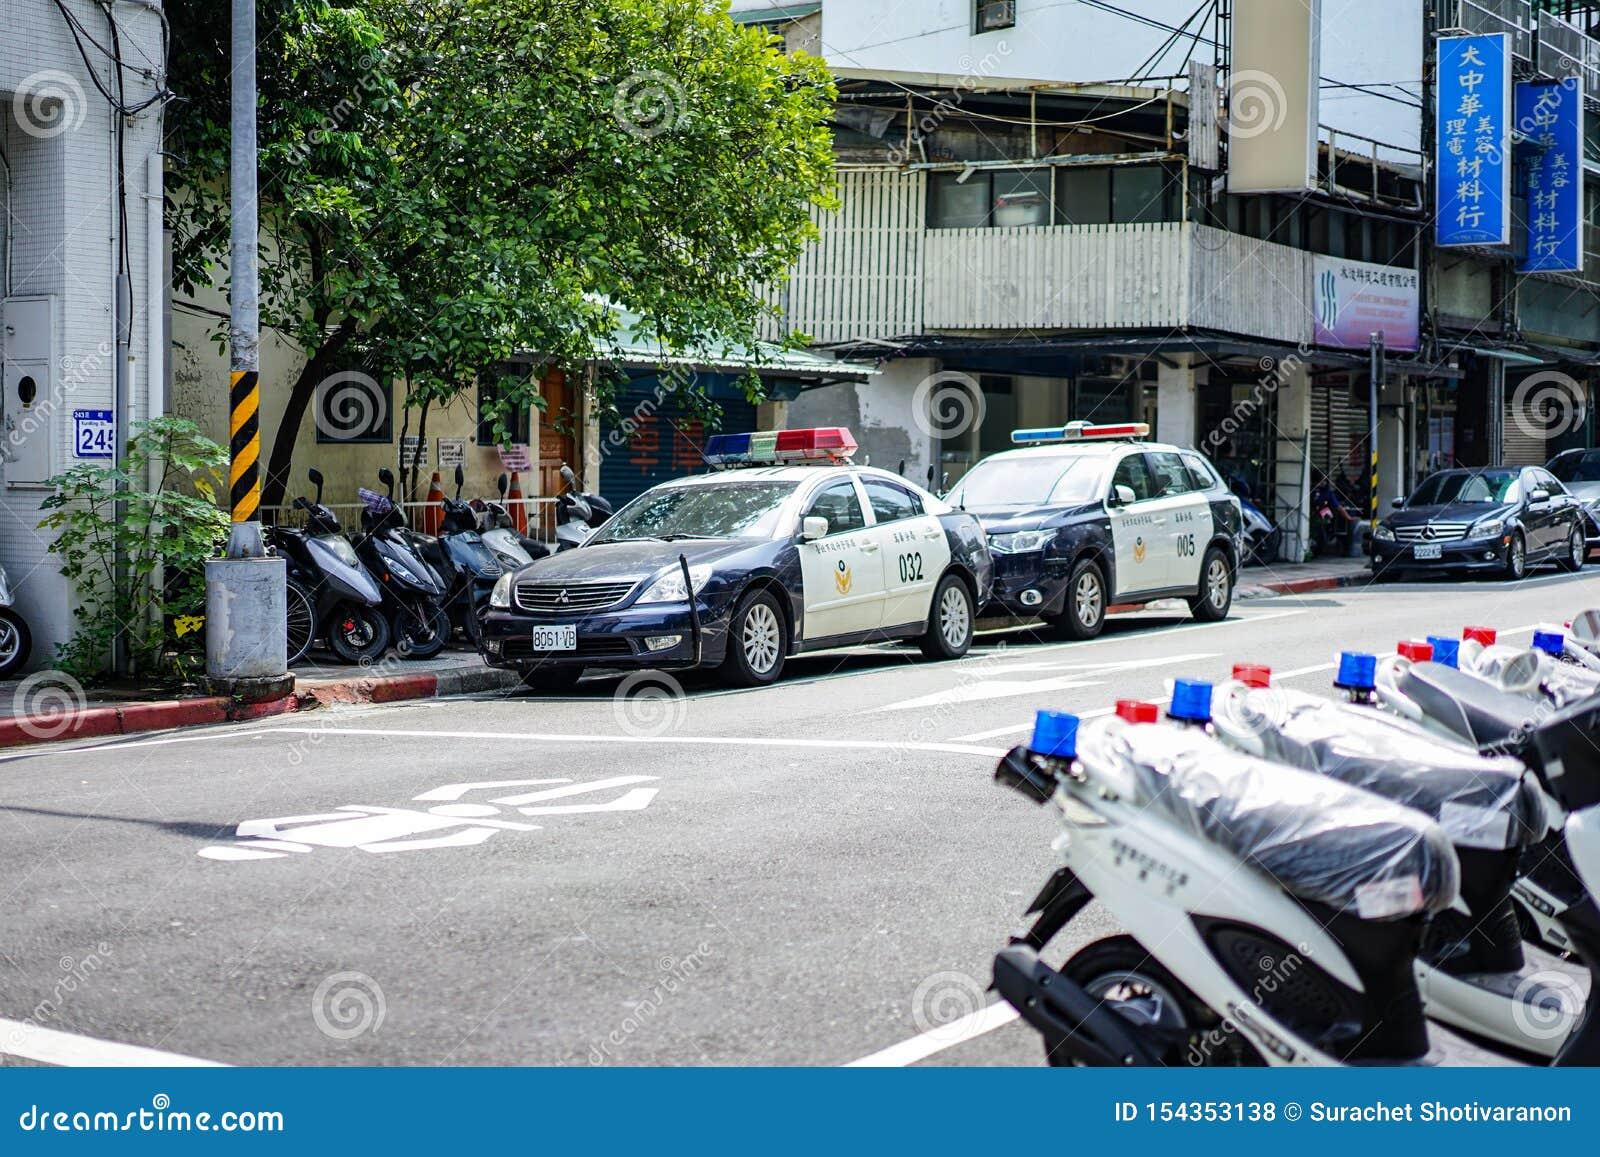 Ταϊπέι, ΤΑΪΒΑΝ - 3 Οκτωβρίου 2017: Τα περιπολικά της Αστυνομίας της Ταϊβάν και motocycle στάθμευαν εκτός από την οδό κοντά στο ασ